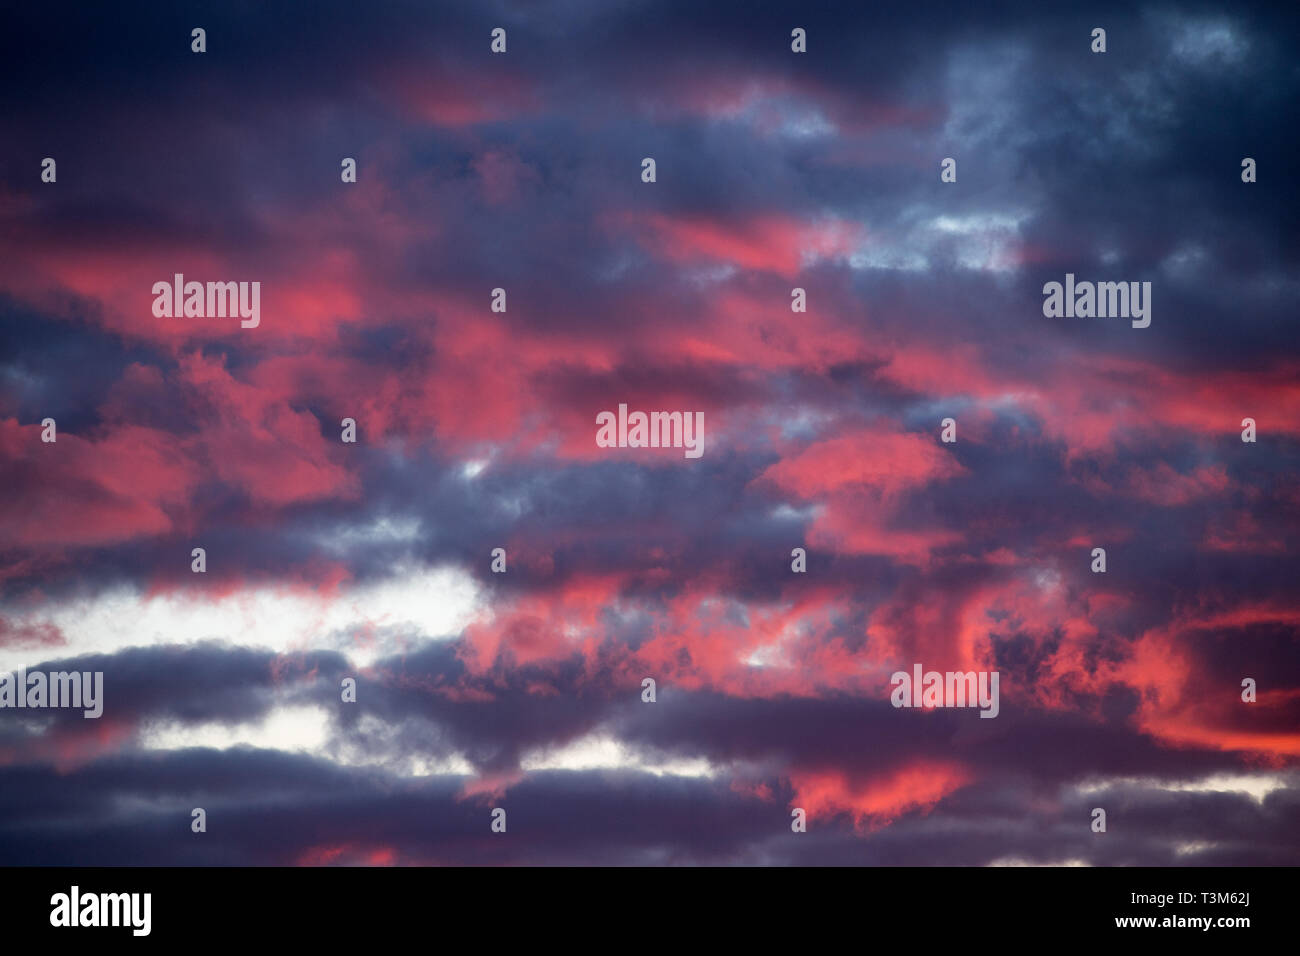 Clouds in Gdansk, Poland. March 31st 2019 © Wojciech Strozyk / Alamy Stock Photo - Stock Image